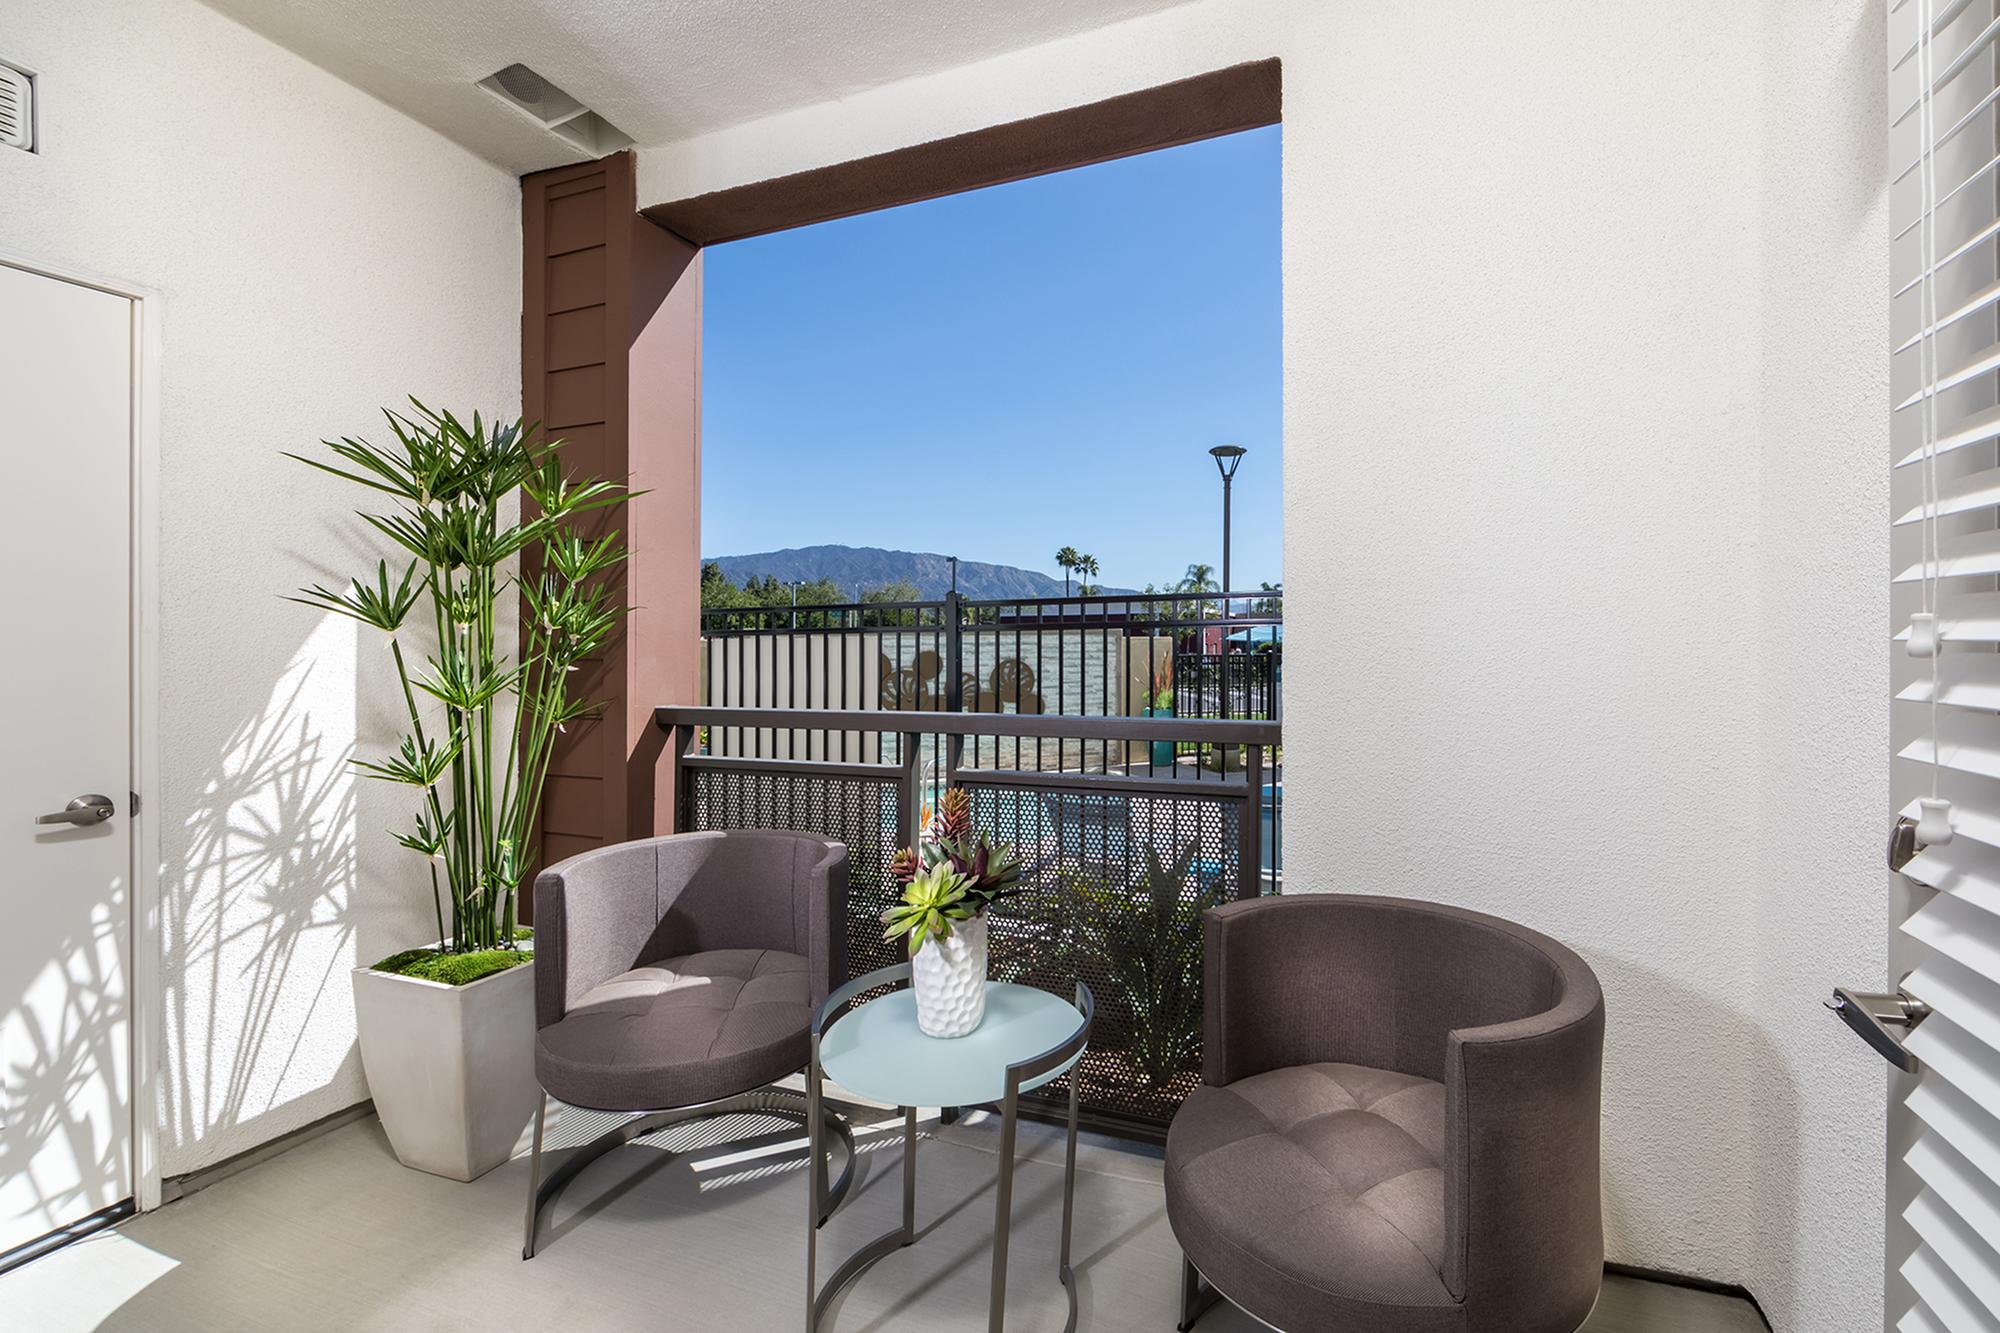 Patio at Areum Apartments in Monrovia CA